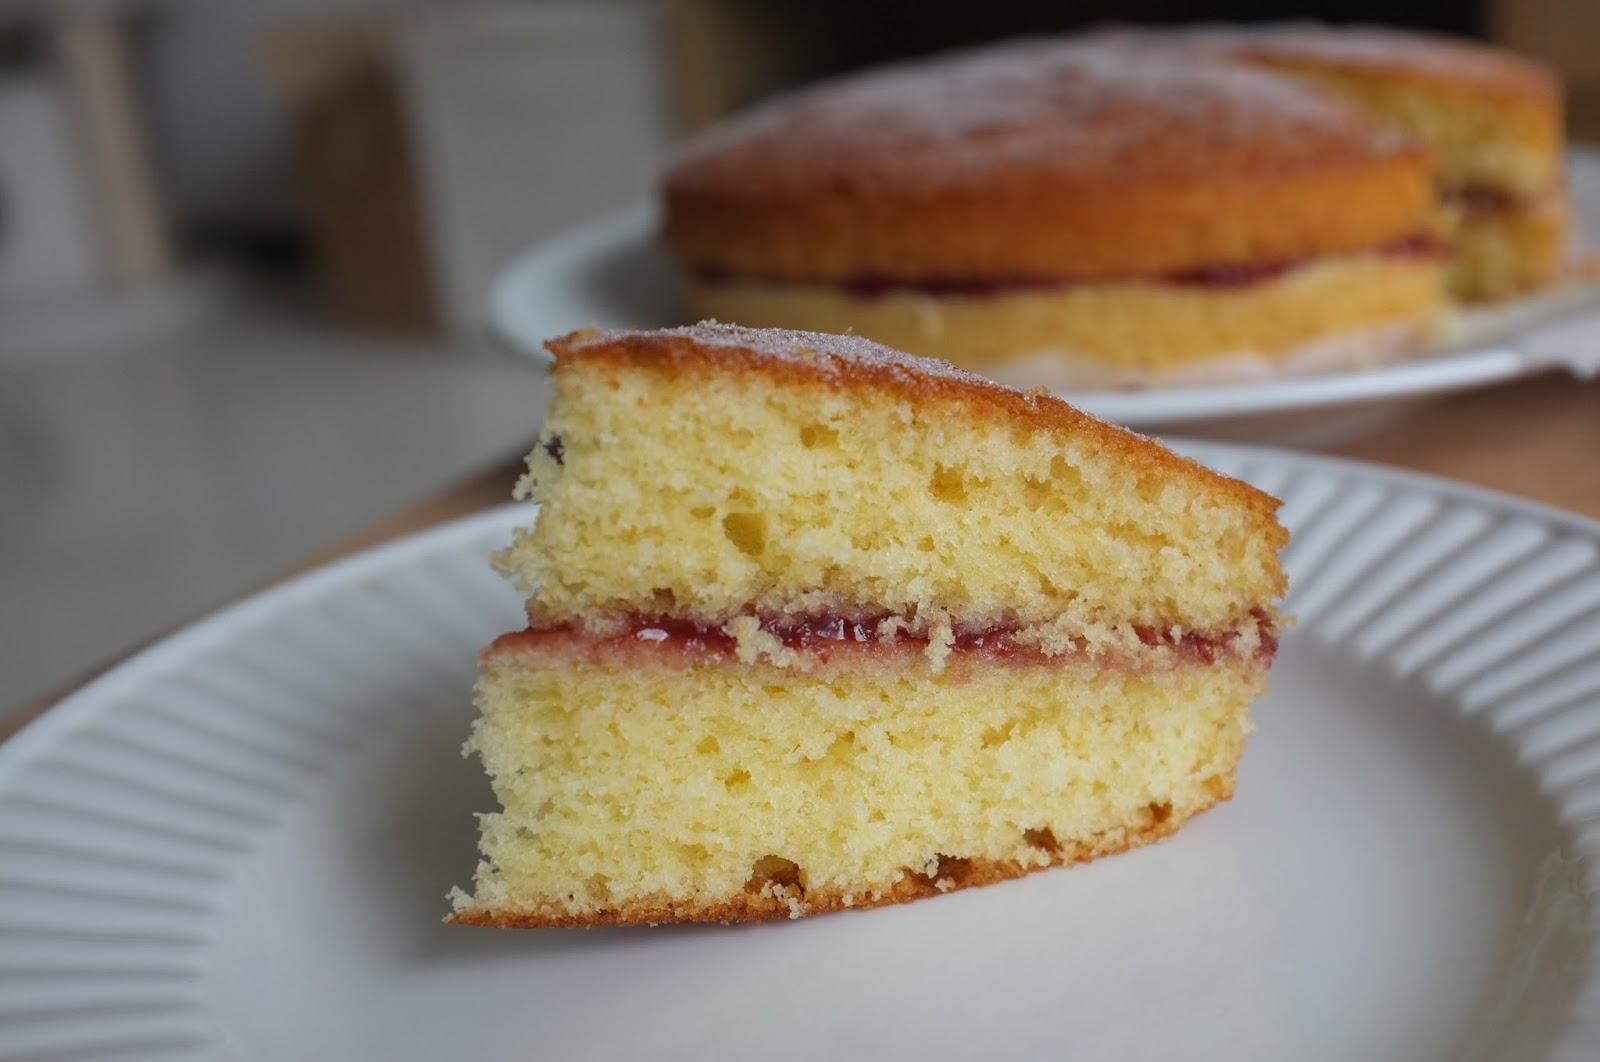 Sponge Cake Vs Butter Cake